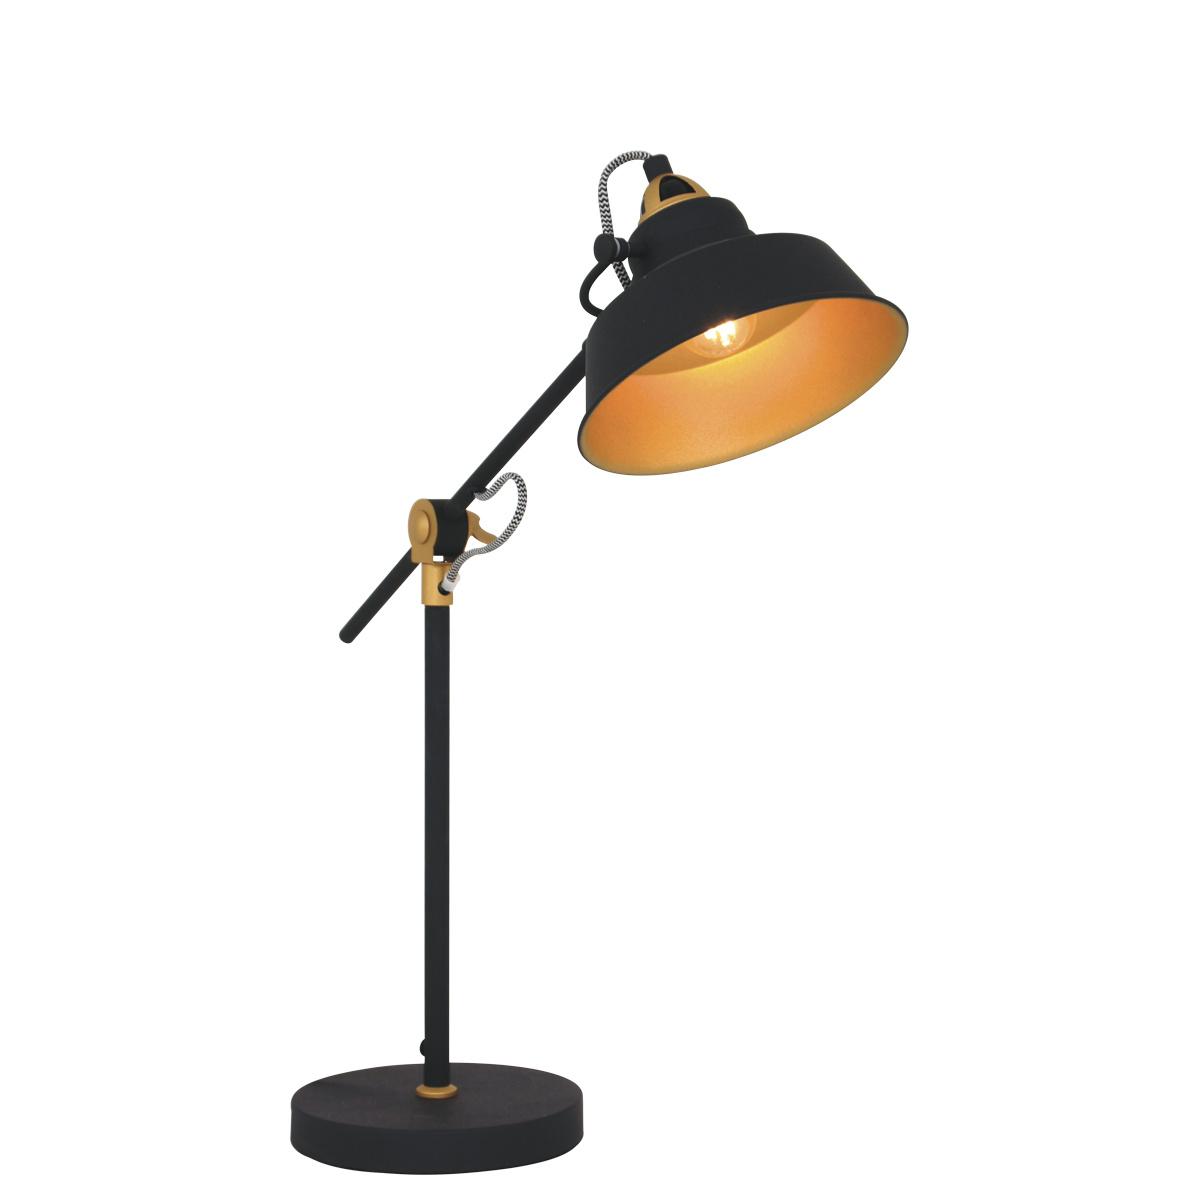 Mexlite Tafellamp mexlite nove zwart